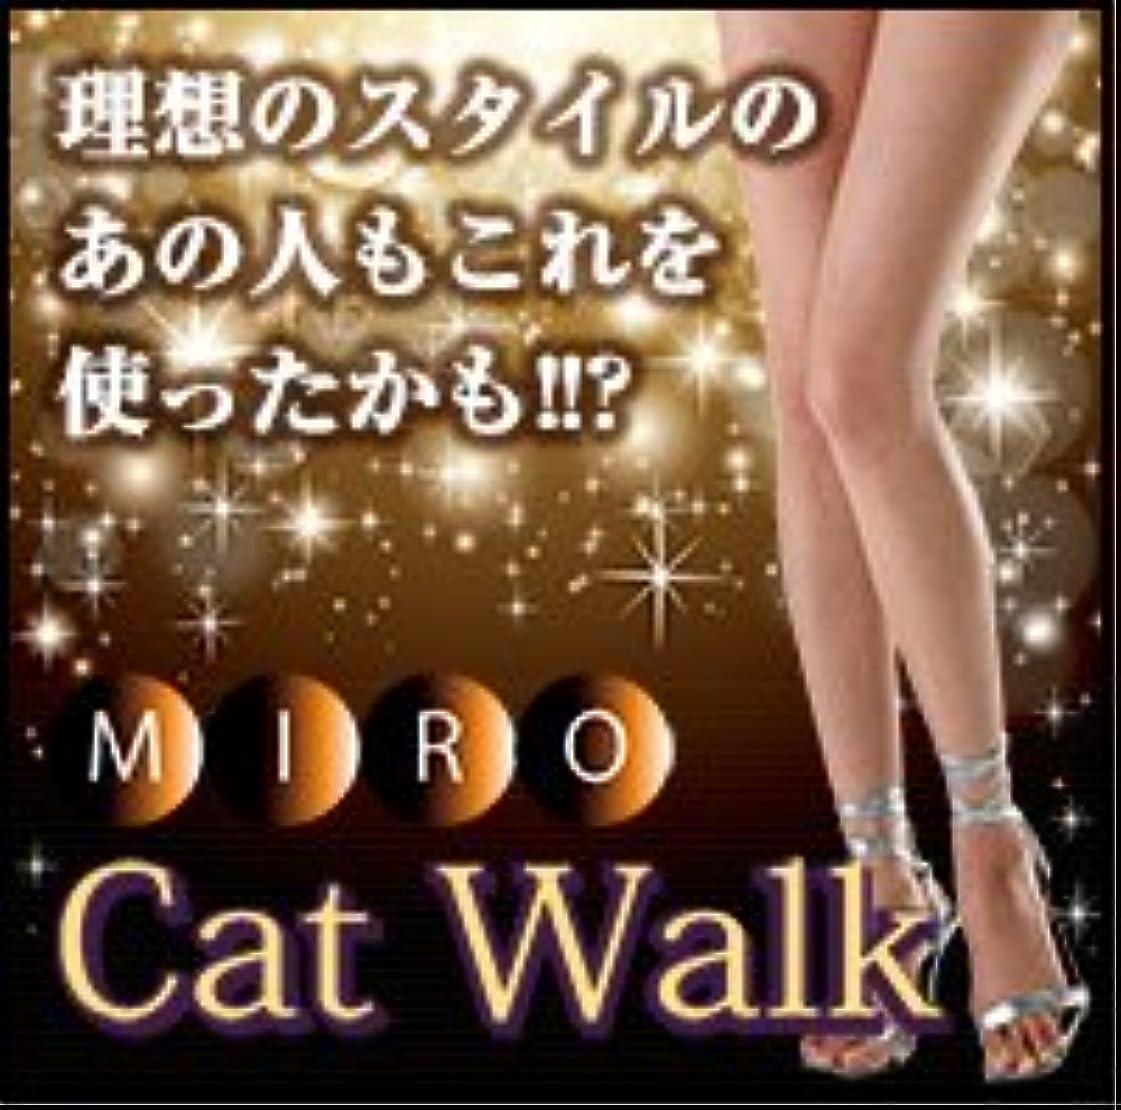 未使用接尾辞大破MIRO CAT Walk(ミロ キャットウォーク)/理想のスタイルのあの人もこれを使ったかも!?【CC】